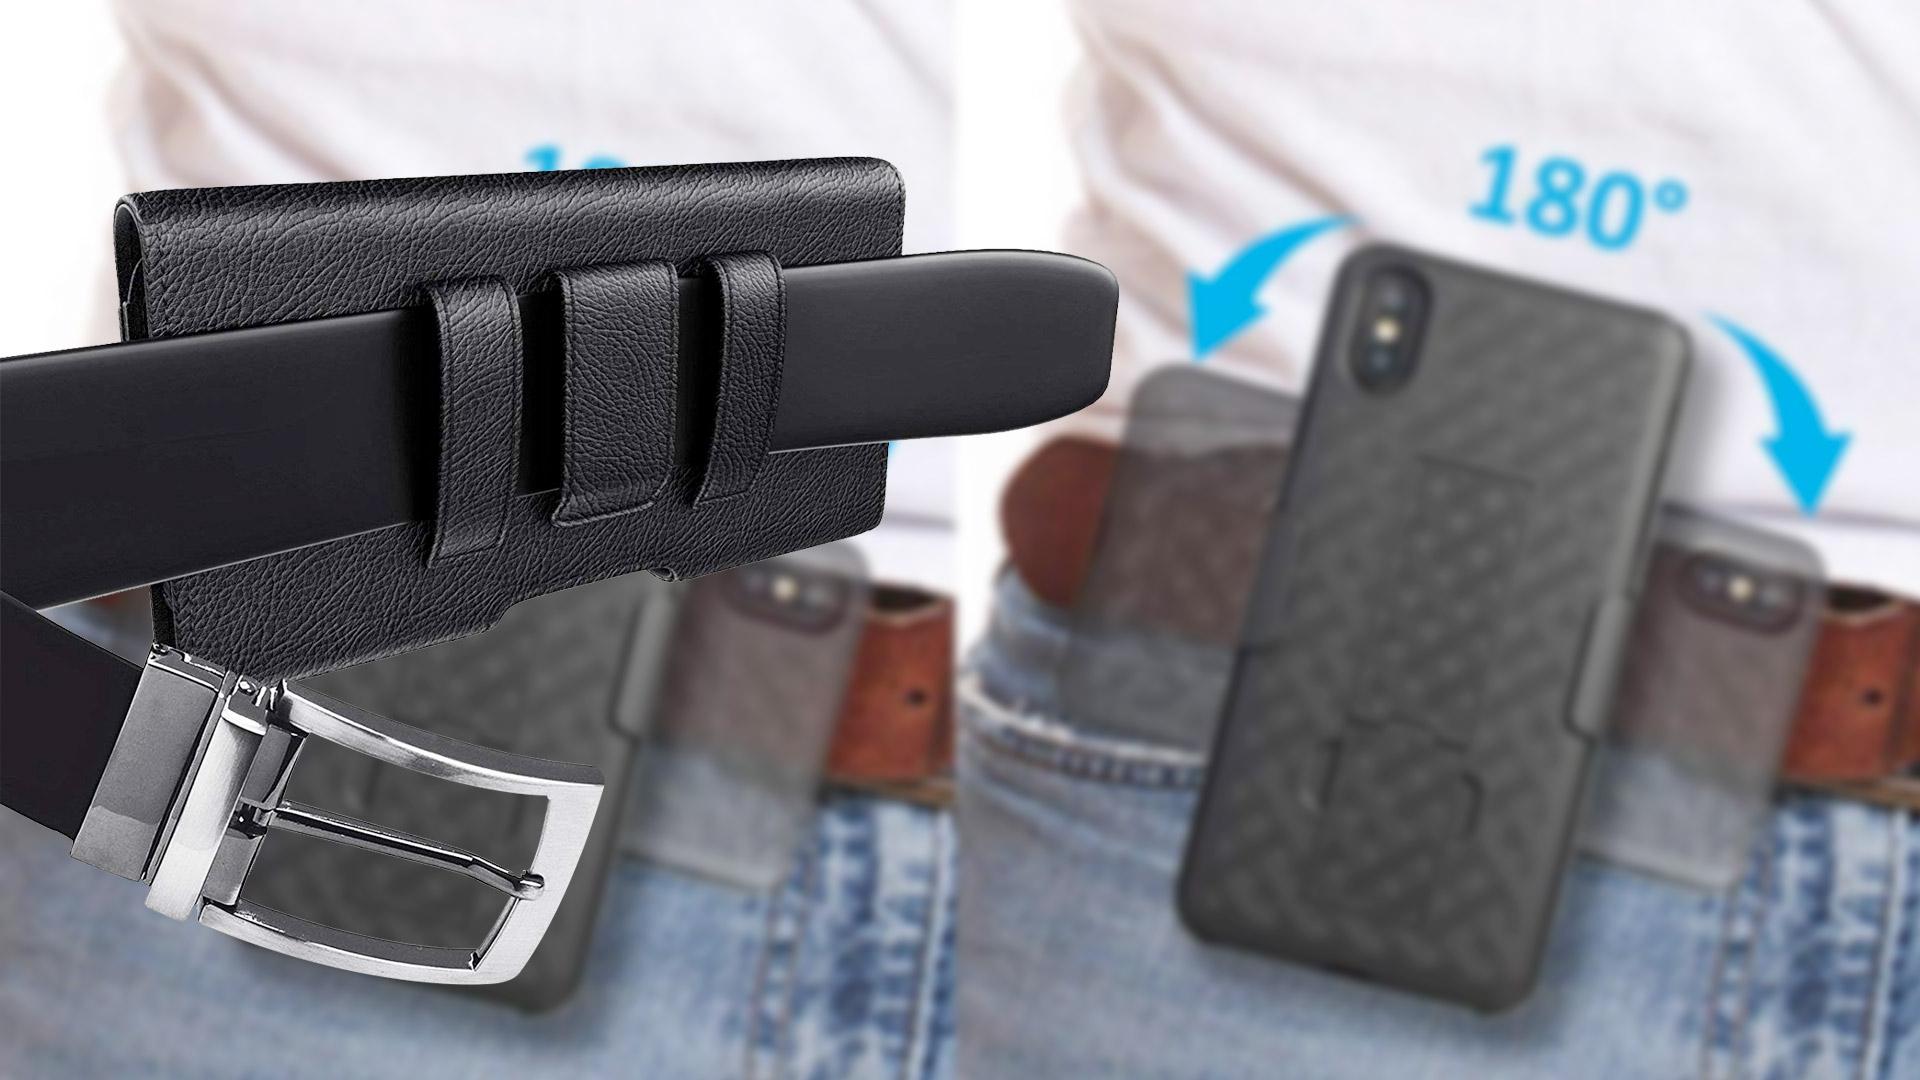 Las mejores fundas con clip para el cinturón para el iPhone Xs Max en 2019: el escudo más confiable para tu poderoso iPhone